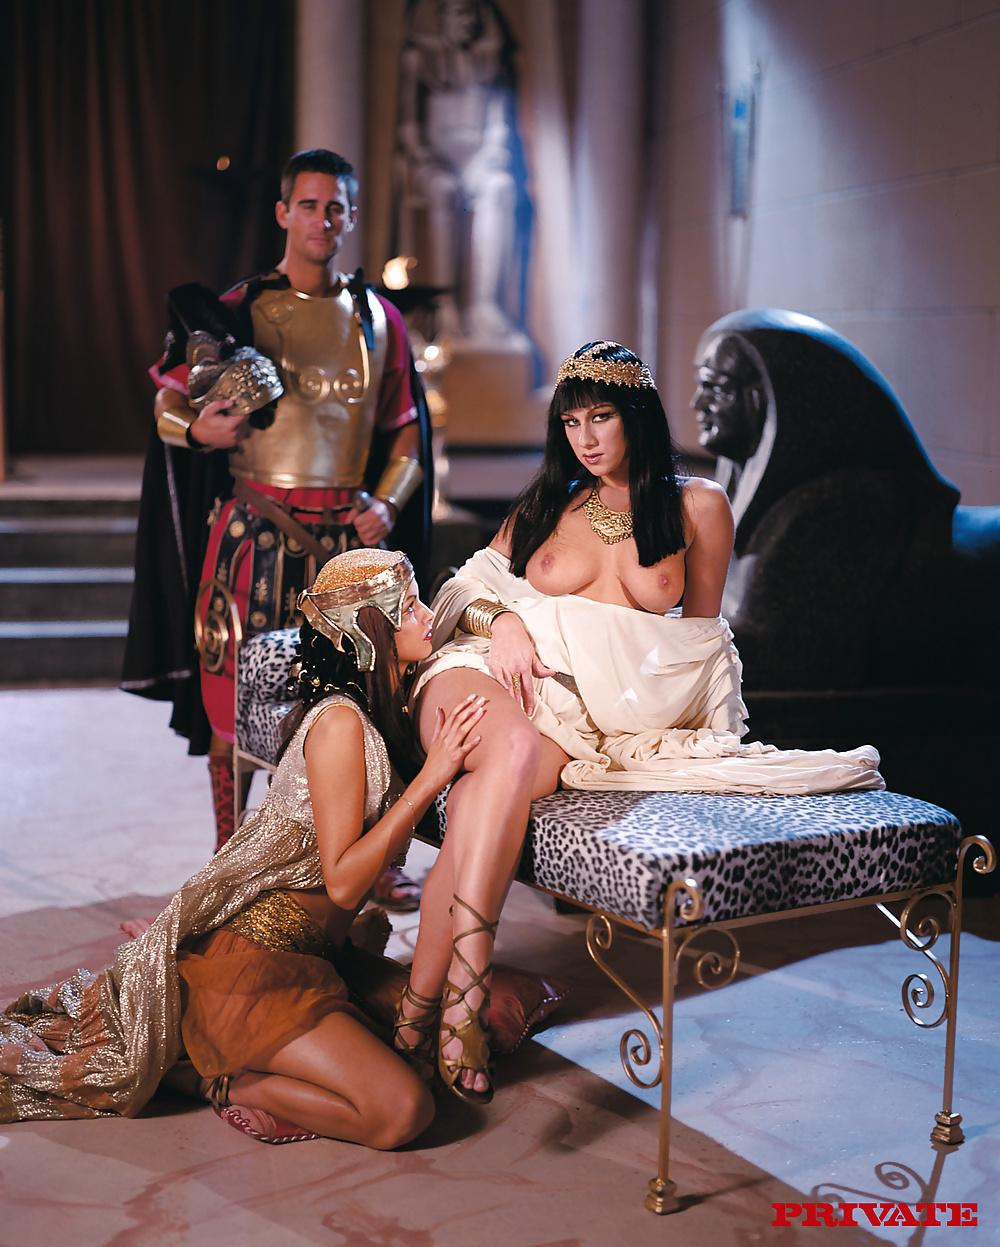 молодых эротический фильм королева и слуги таки